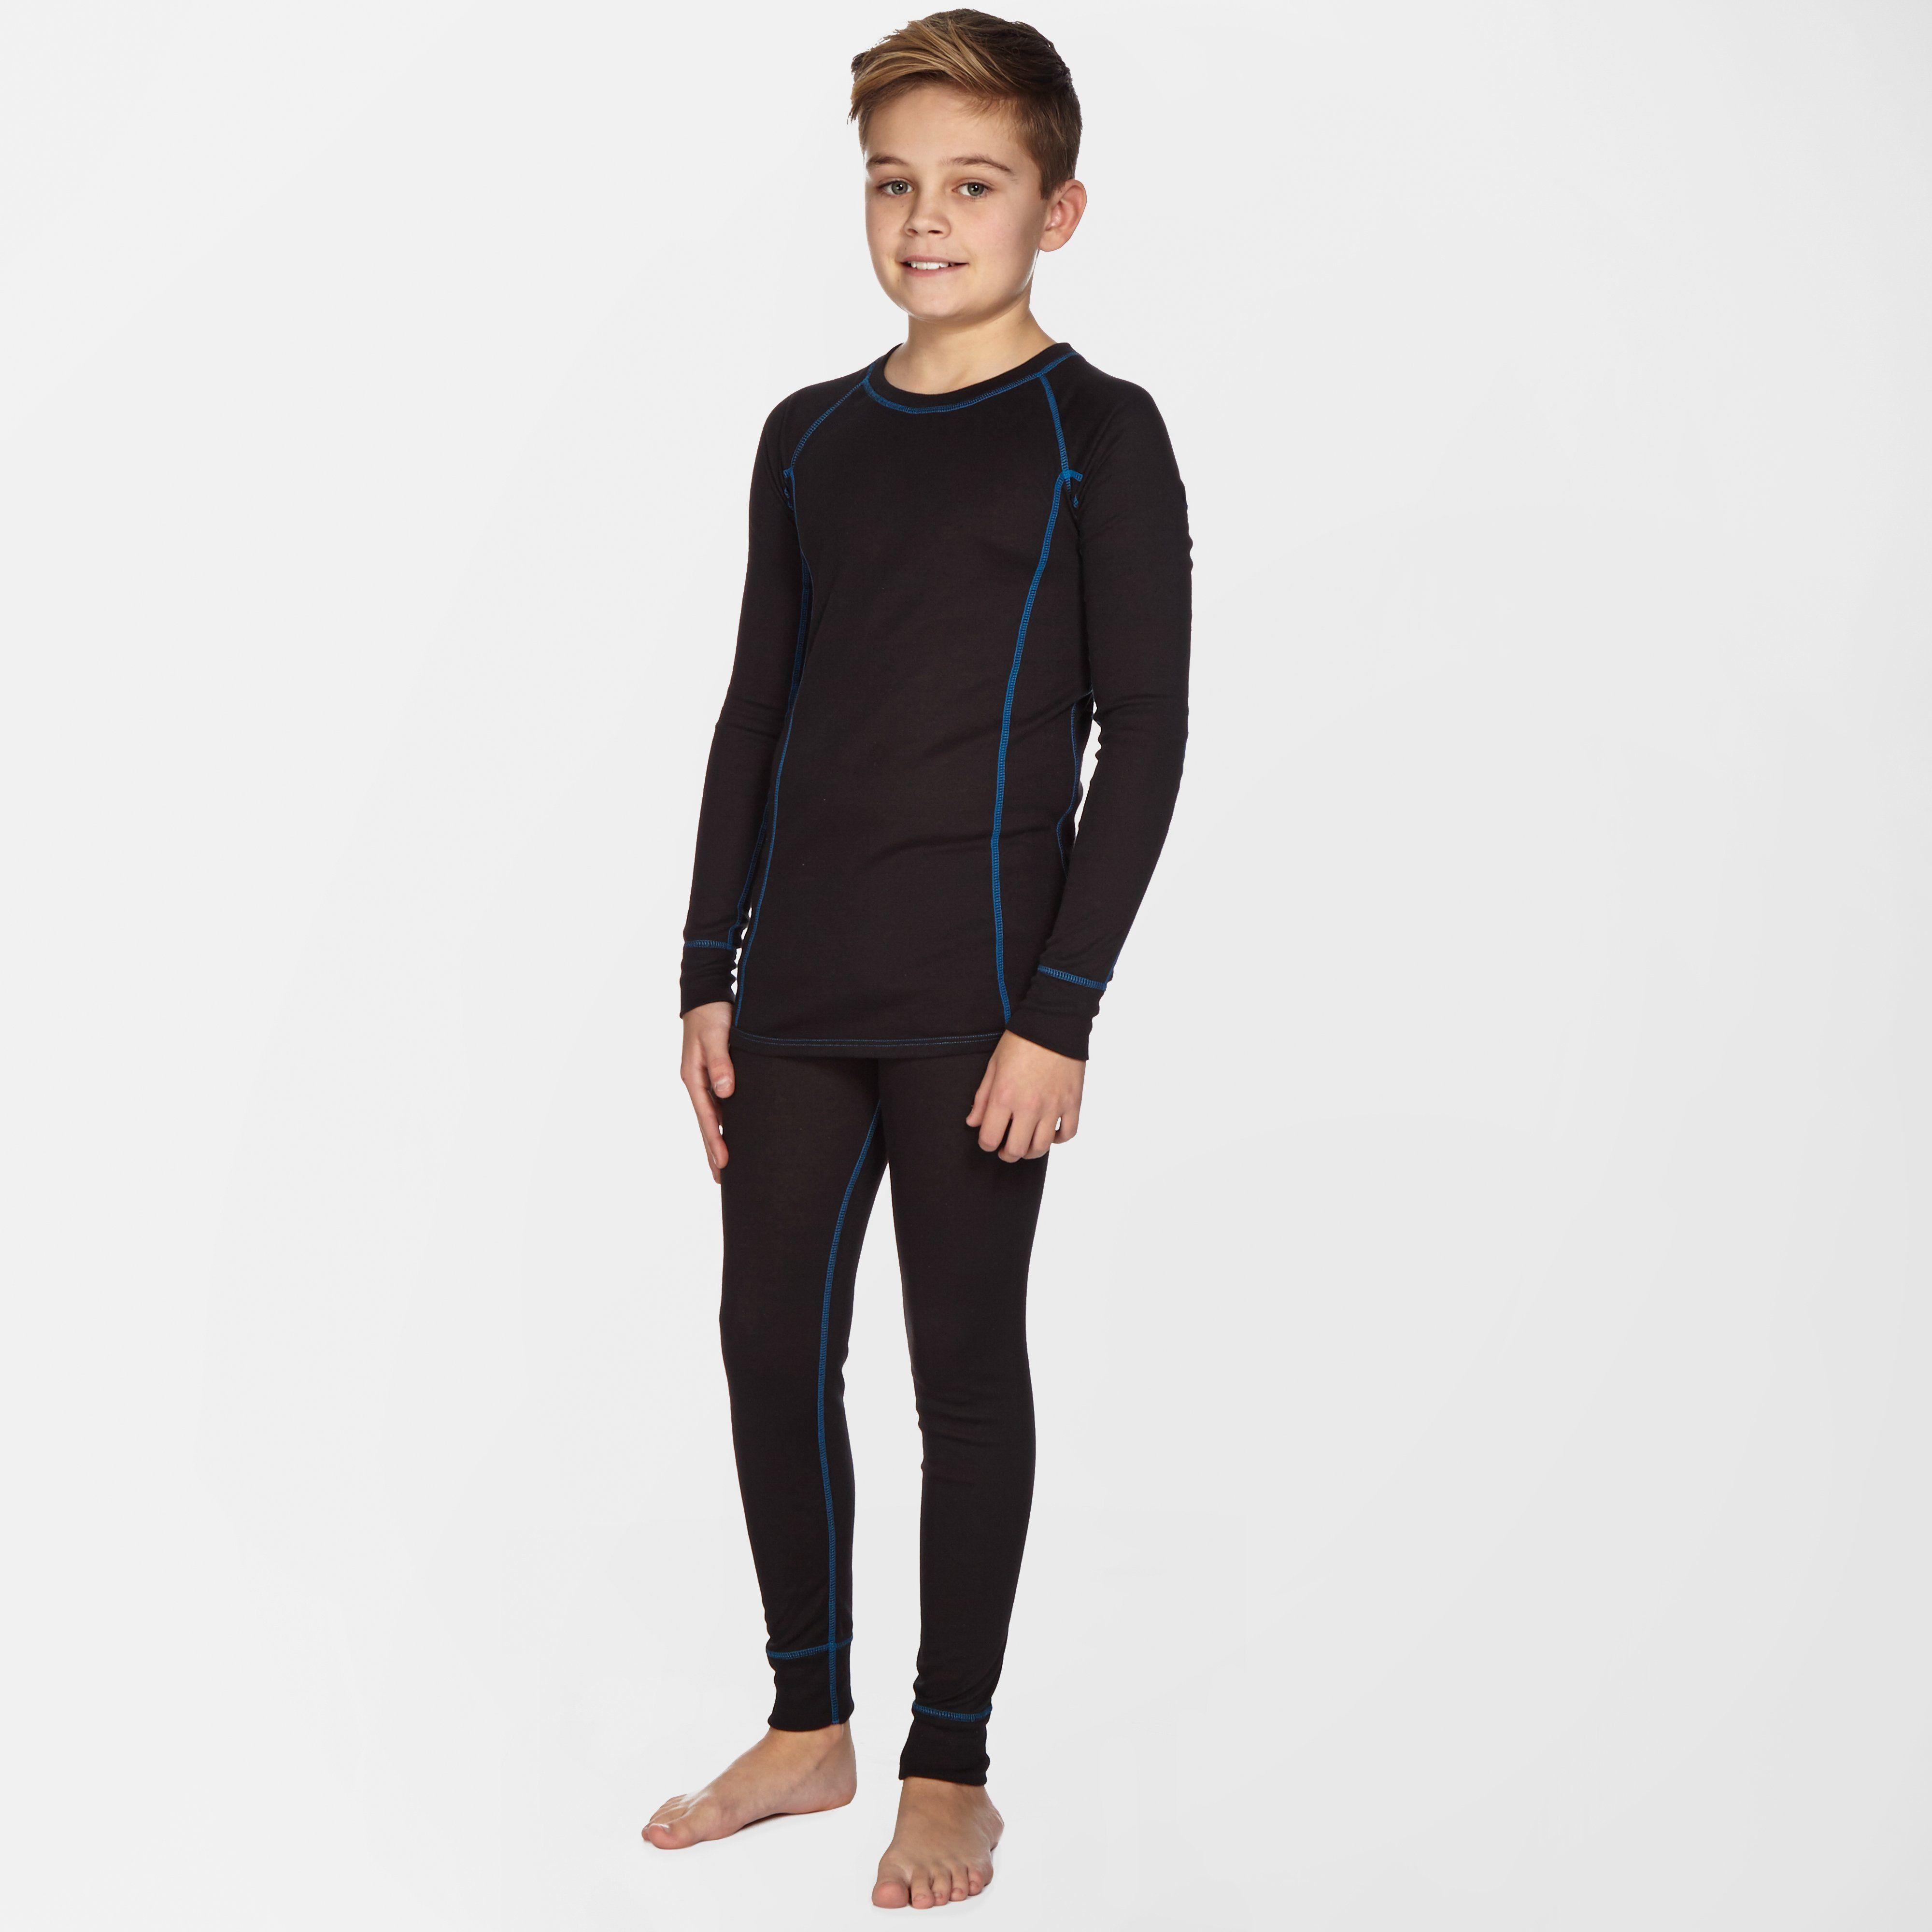 ALPINE Kids' Thermal Underwear Set